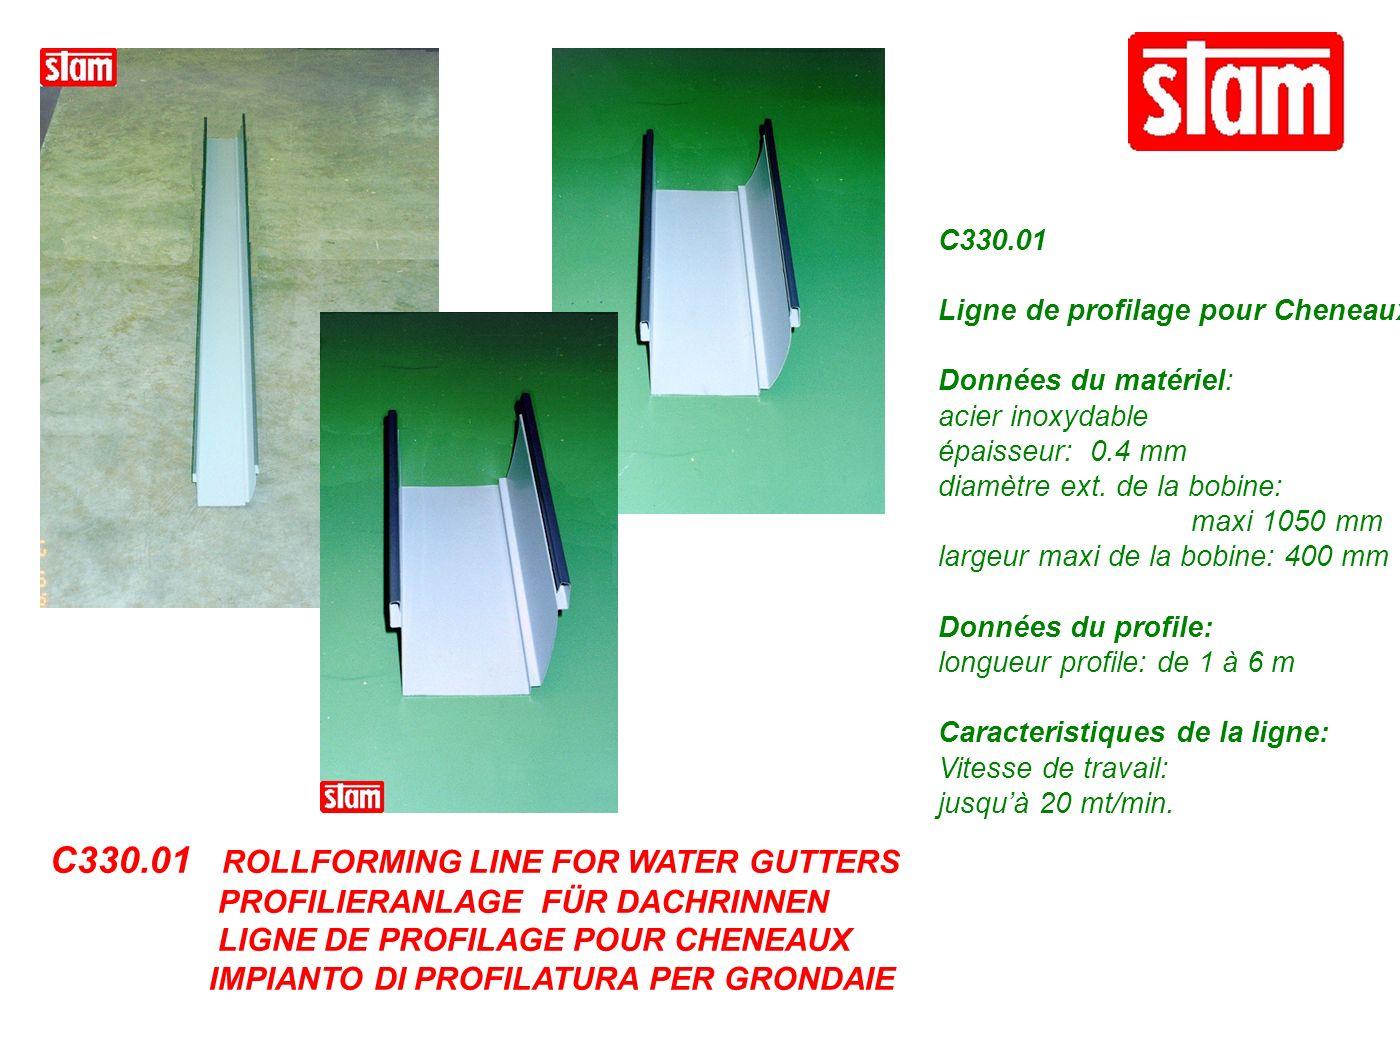 C330.01 ROLLFORMING LINE FOR WATER GUTTERS PROFILIERANLAGE FÜR DACHRINNEN LIGNE DE PROFILAGE POUR CHENEAUX IMPIANTO DI PROFILATURA PER GRONDAIE C330.0